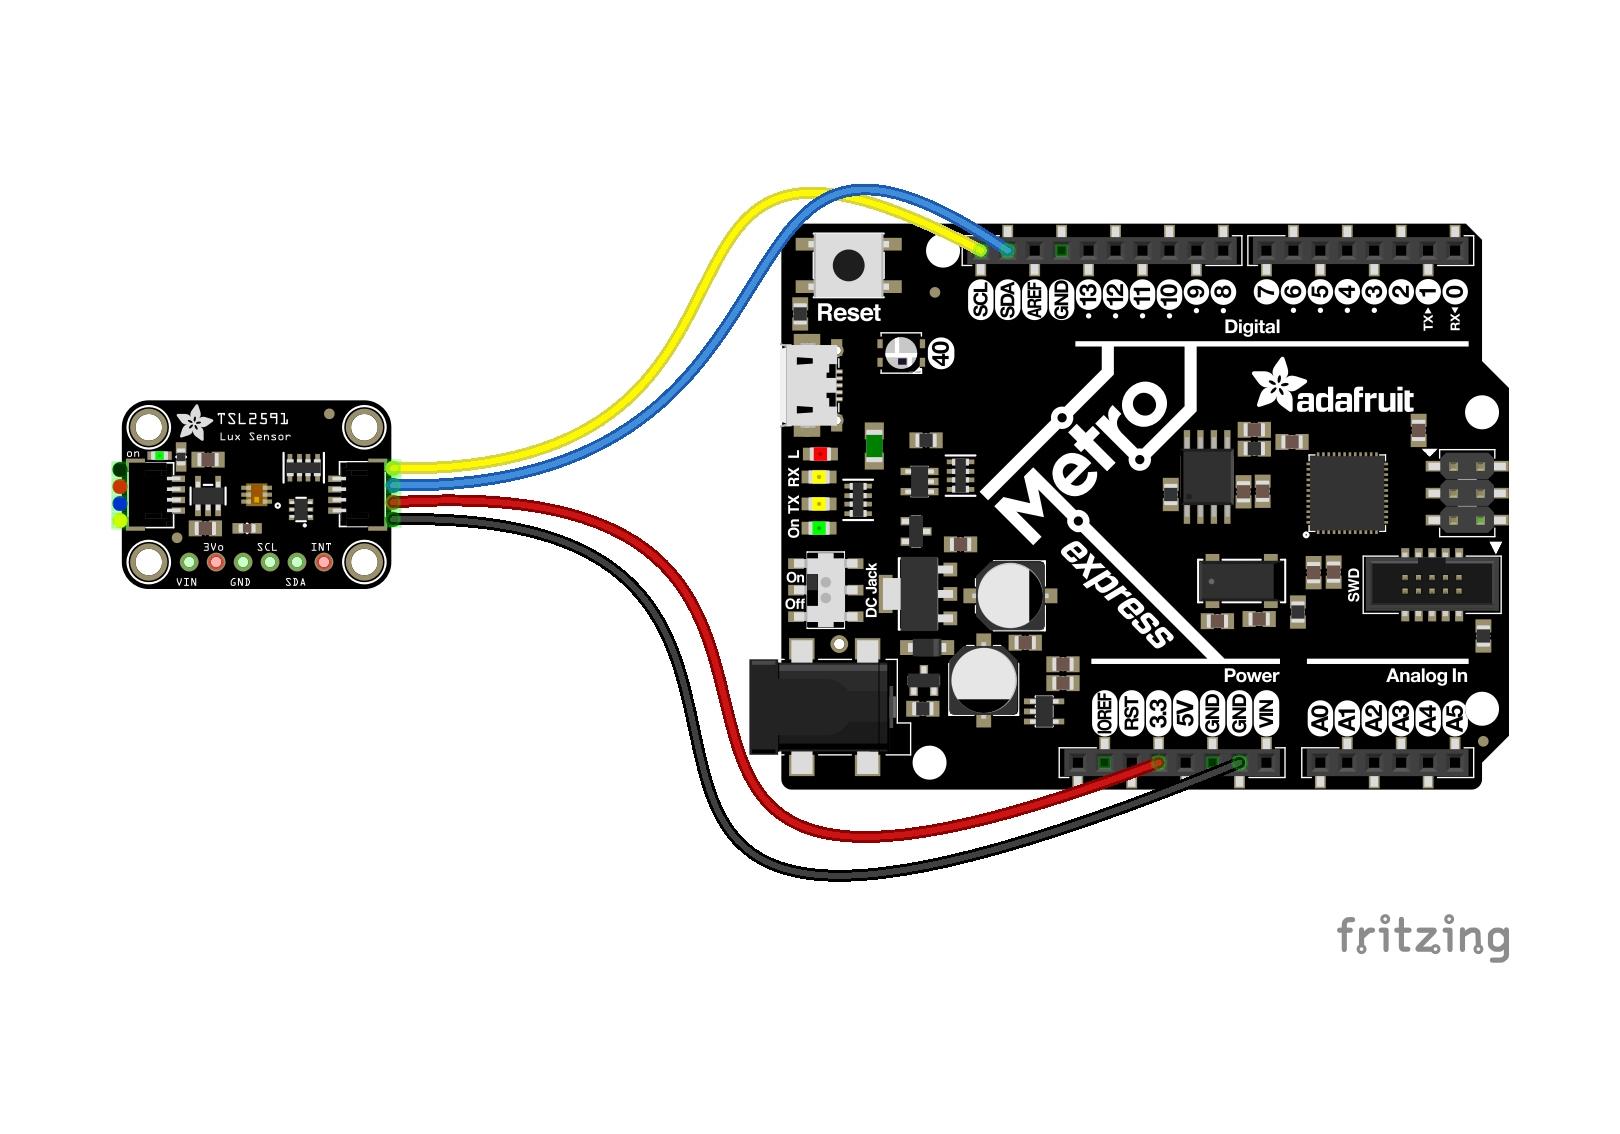 circuitpython_Essentials_I2C_Metro_bb.jpg